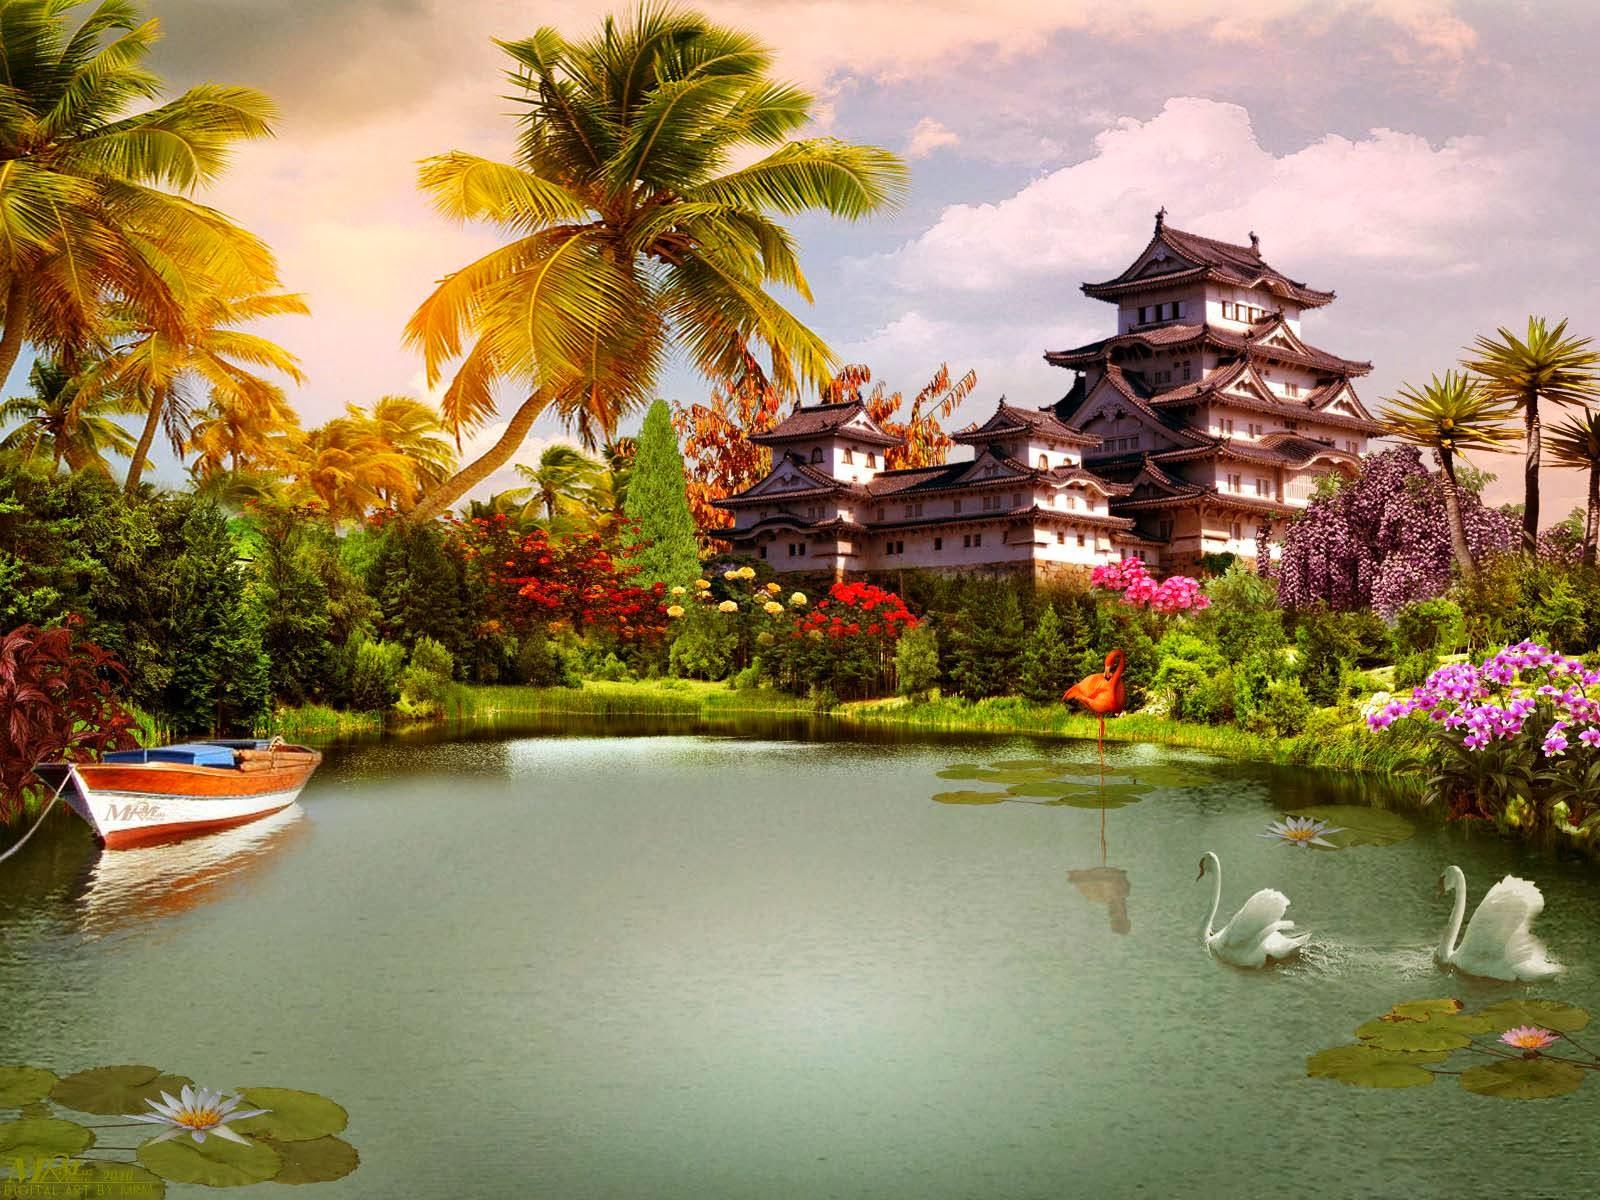 Most Beautiful Scenic Wallpapers Wallpapersafari